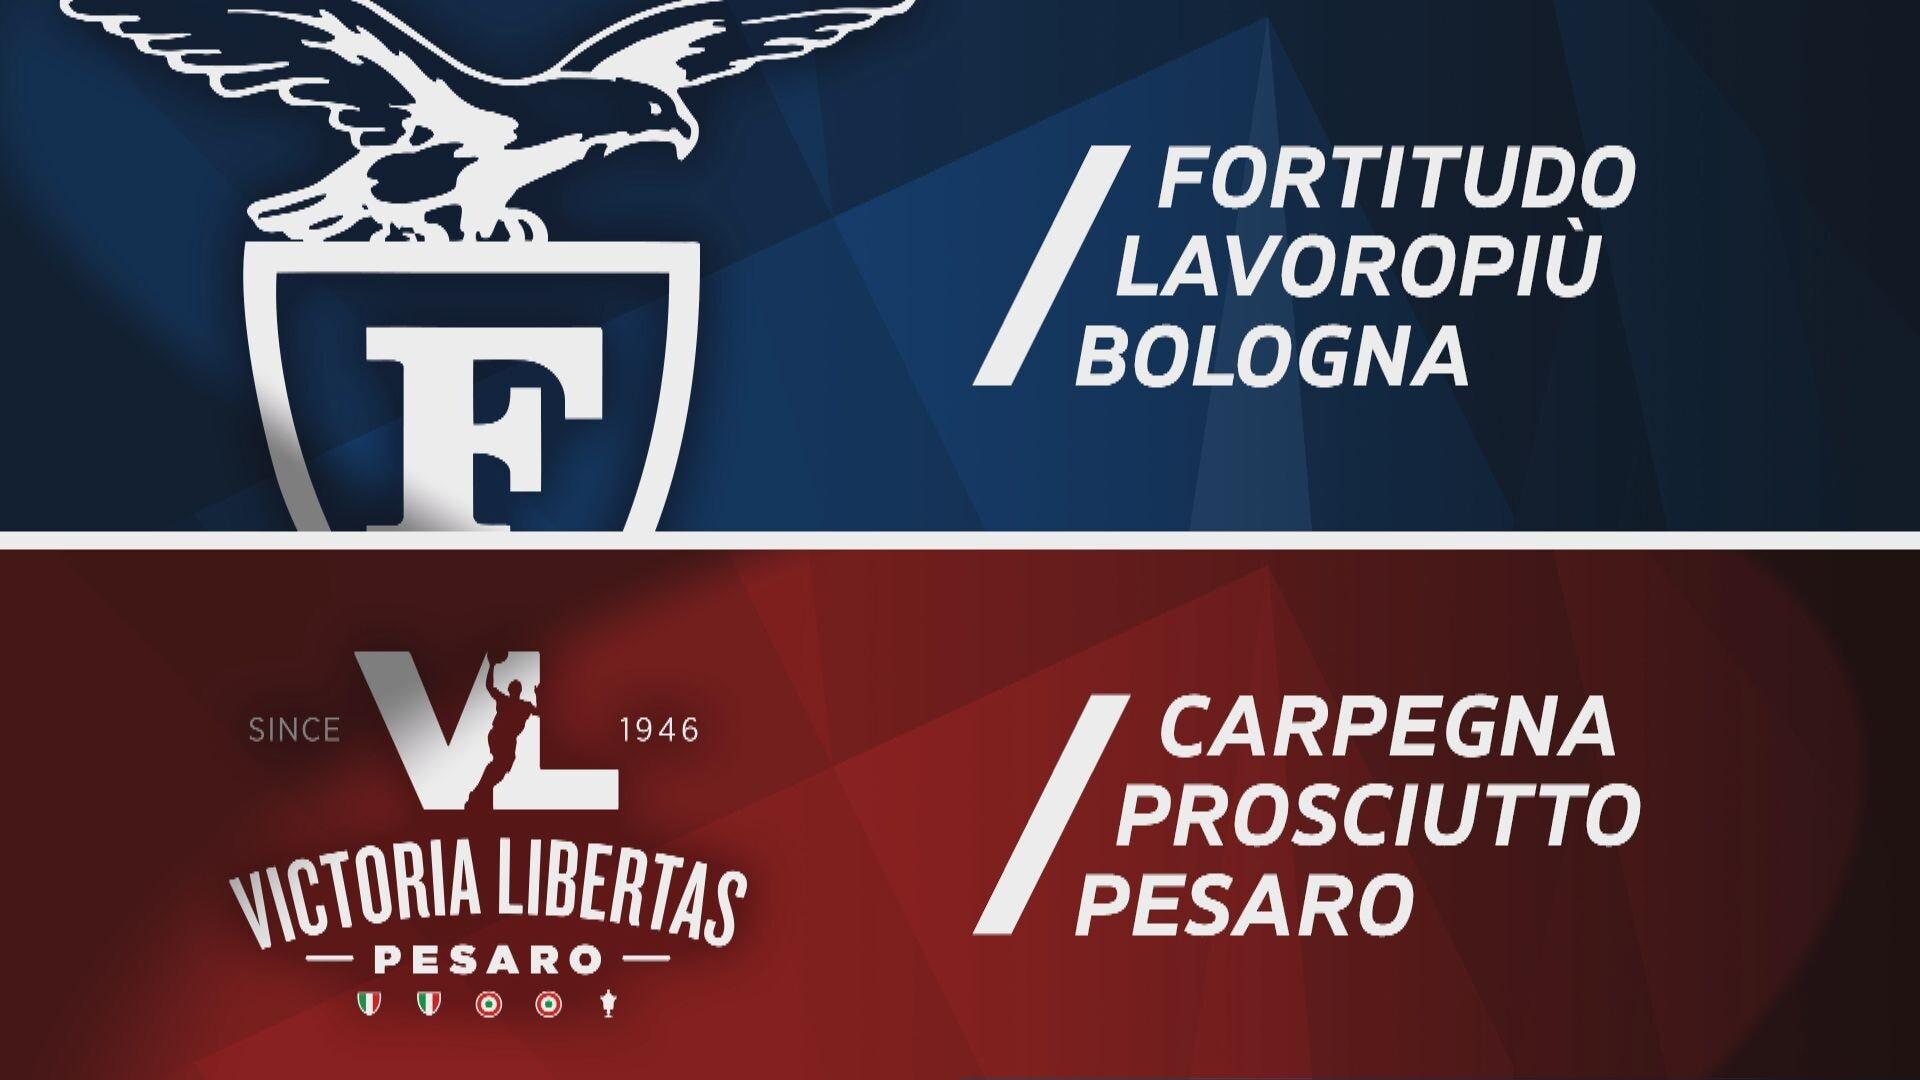 Fortitudo-Pesaro, il giudice sportivo omologa il risultato e invia gli atti alla Procura Federale